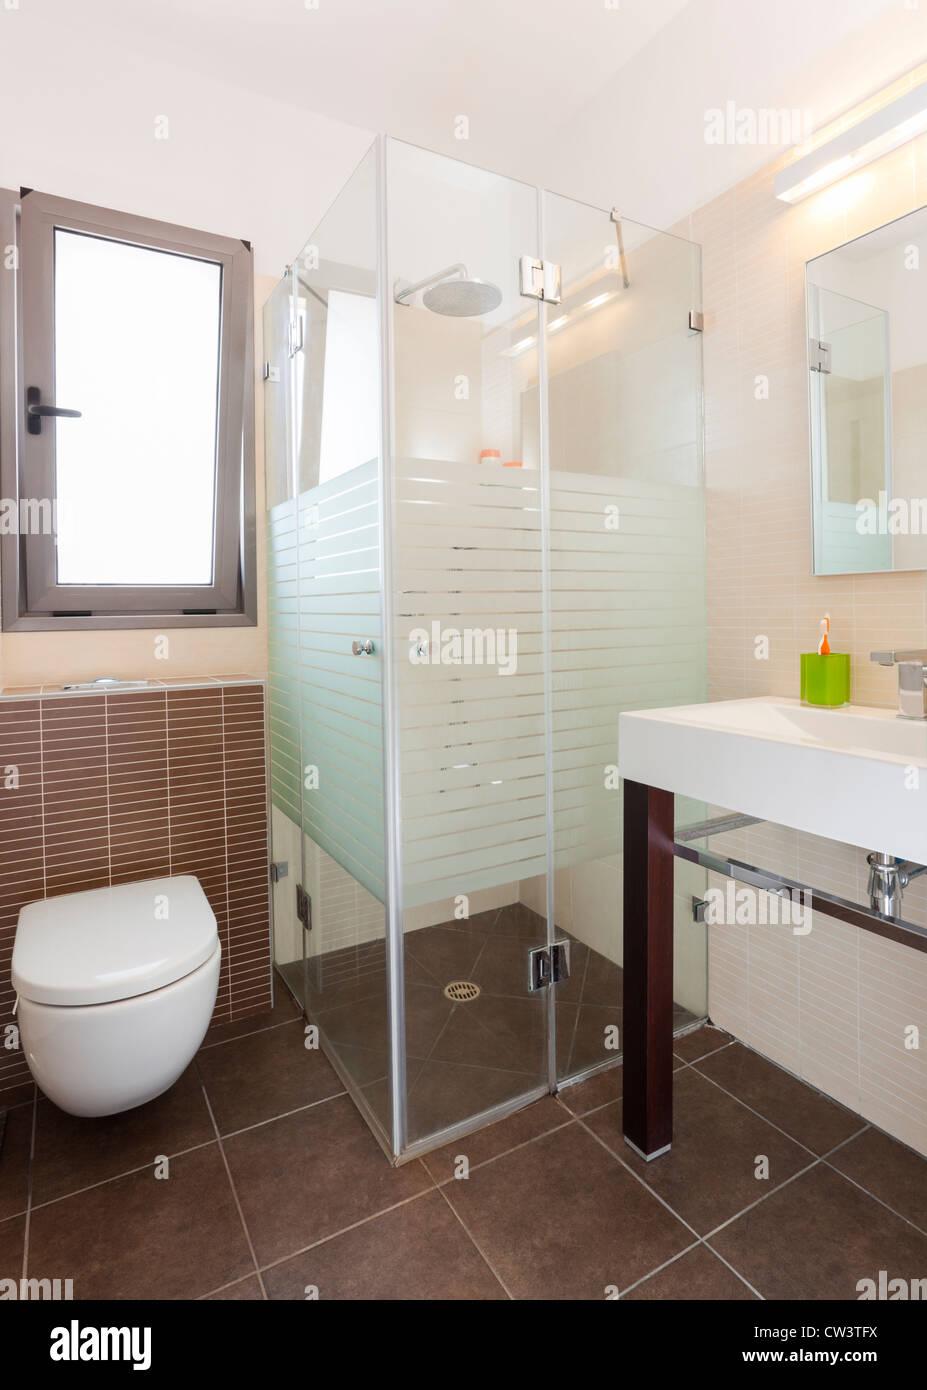 Modern luxury bathroom - Stock Image